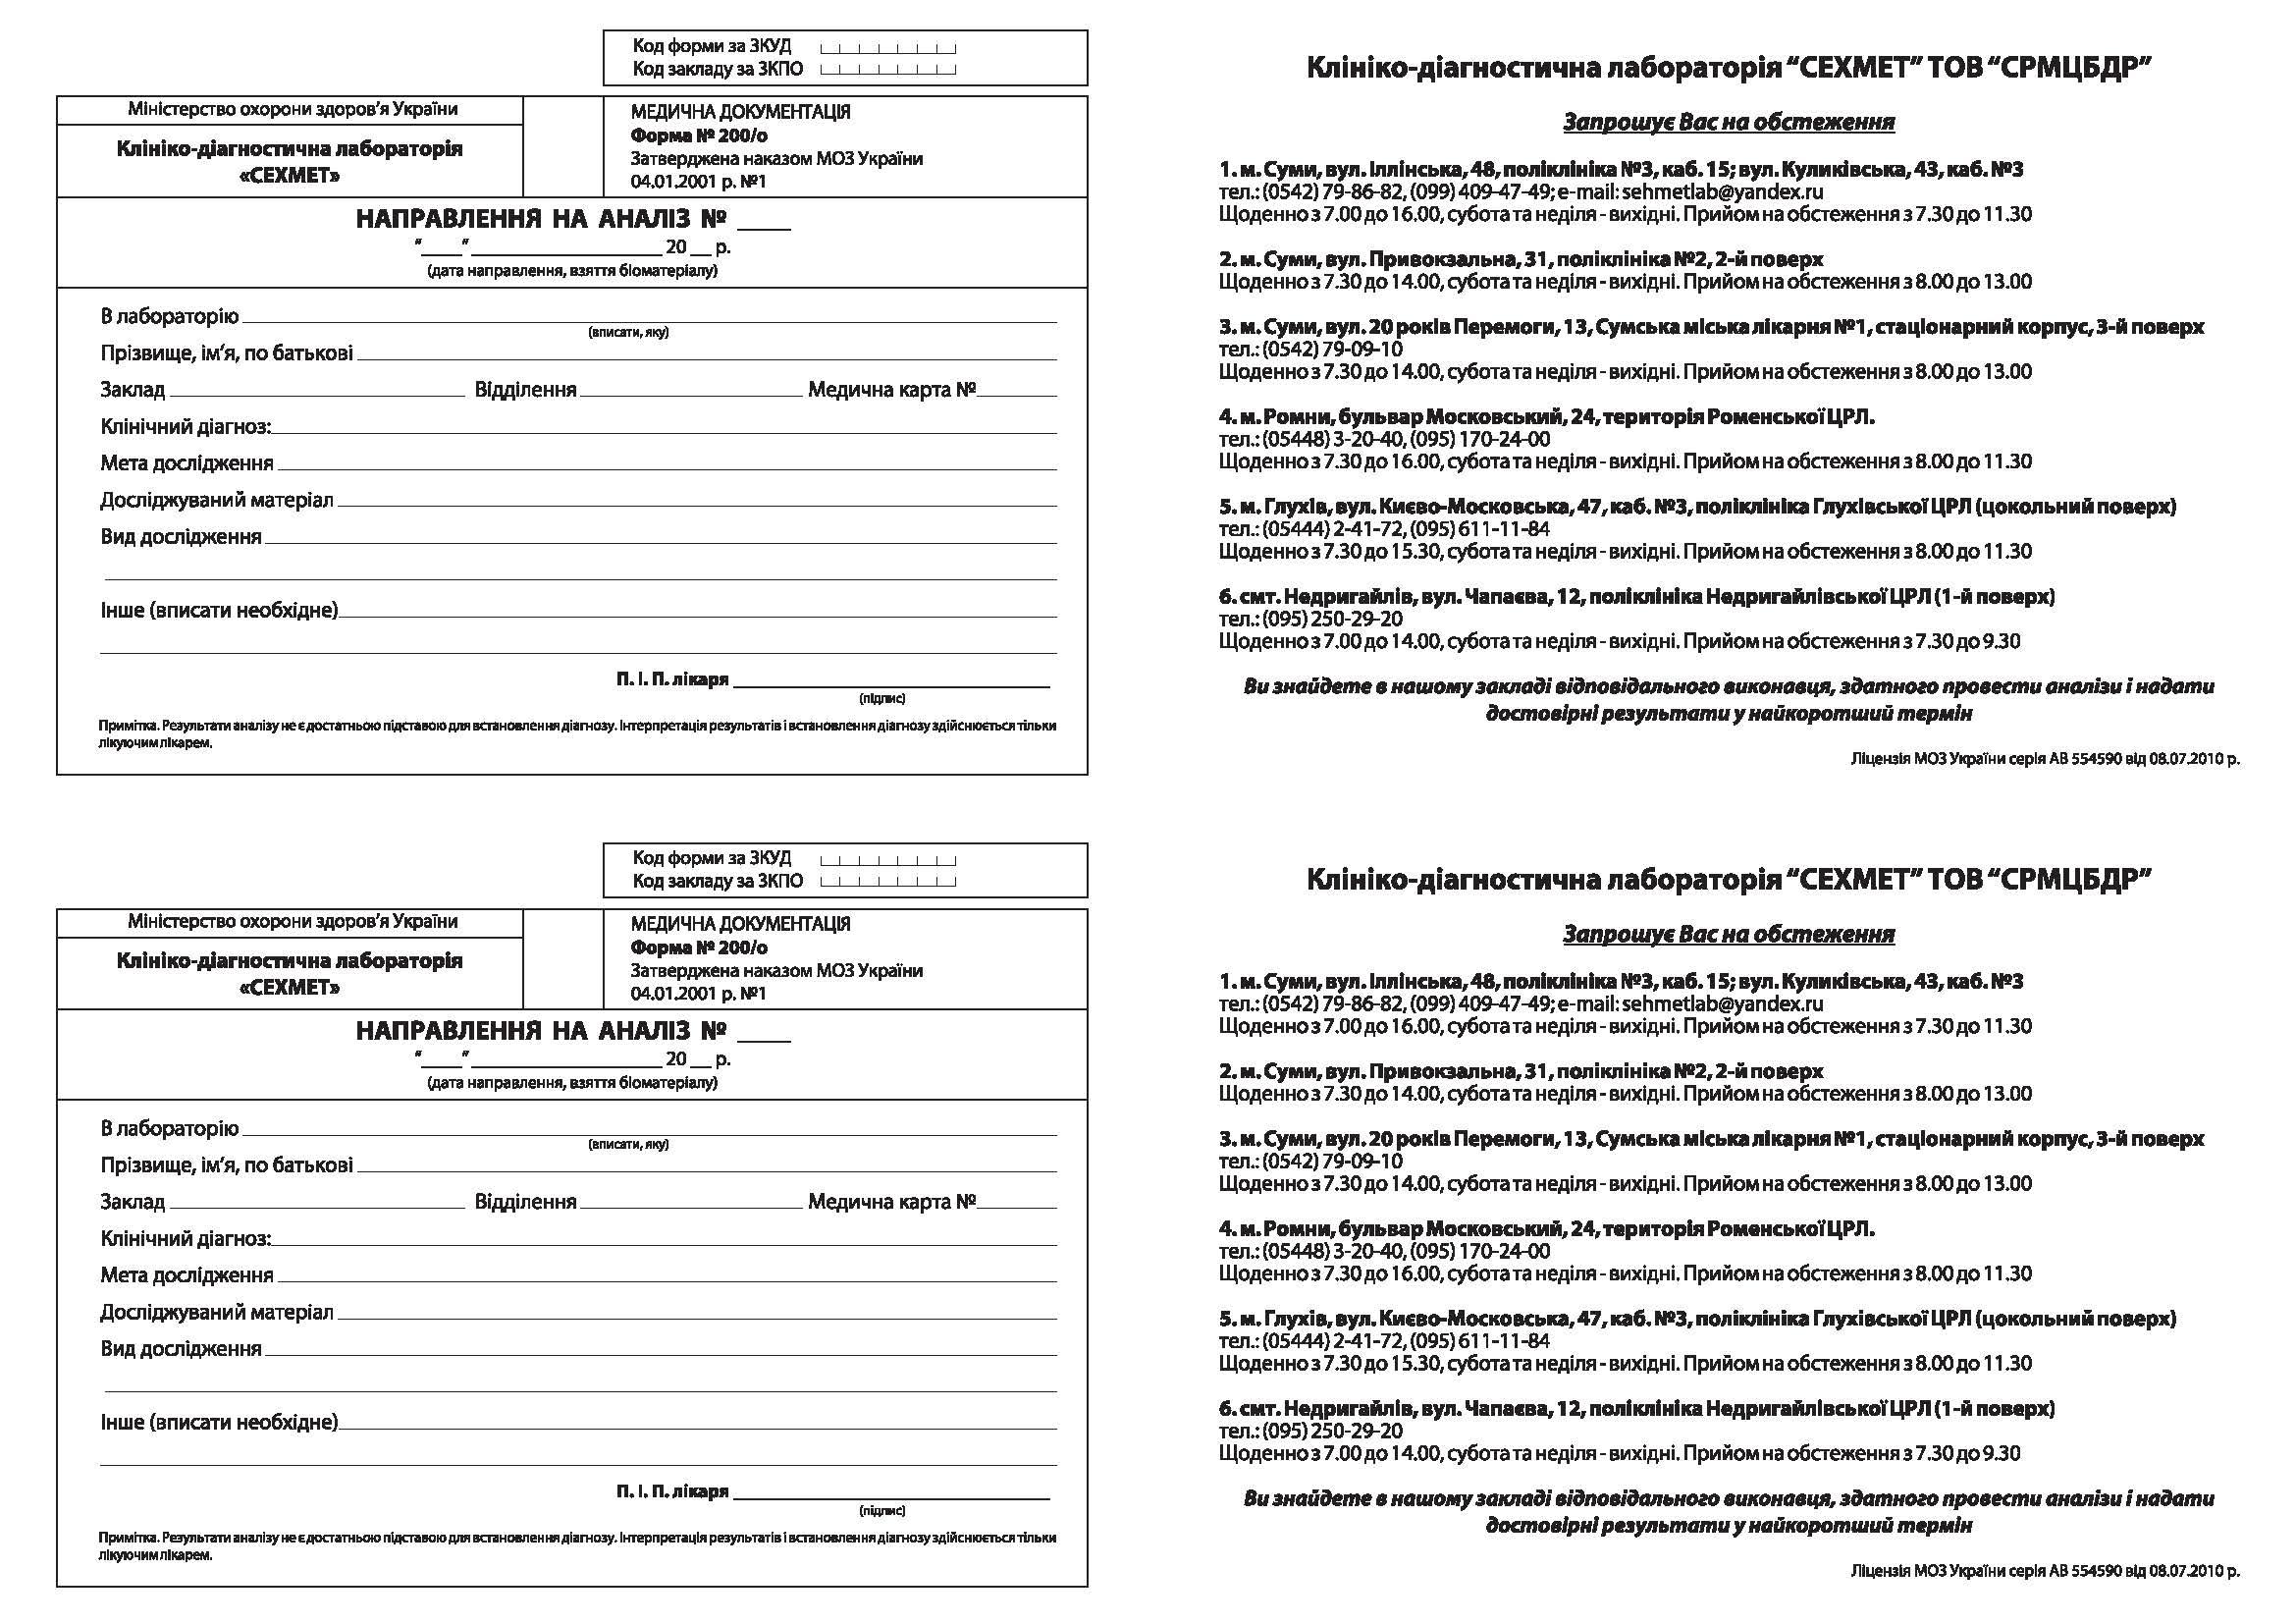 Бланки анализов скачать бесплатно по украине